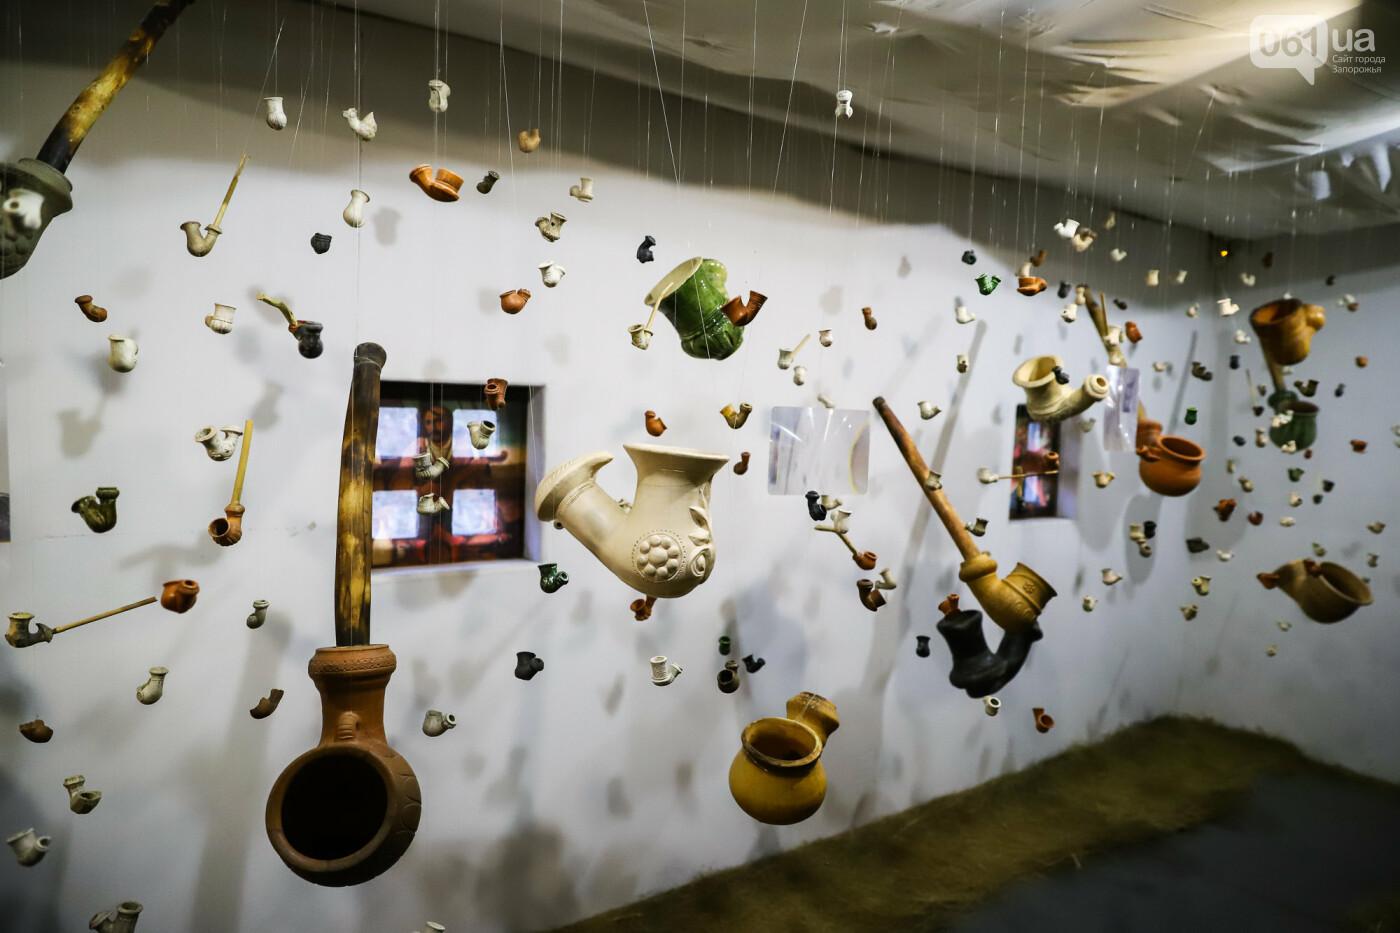 На Запорожской Сечи пополнилась уникальная коллекция казацких люлек: что курили казаки и о чем может рассказать трубка, фото-3